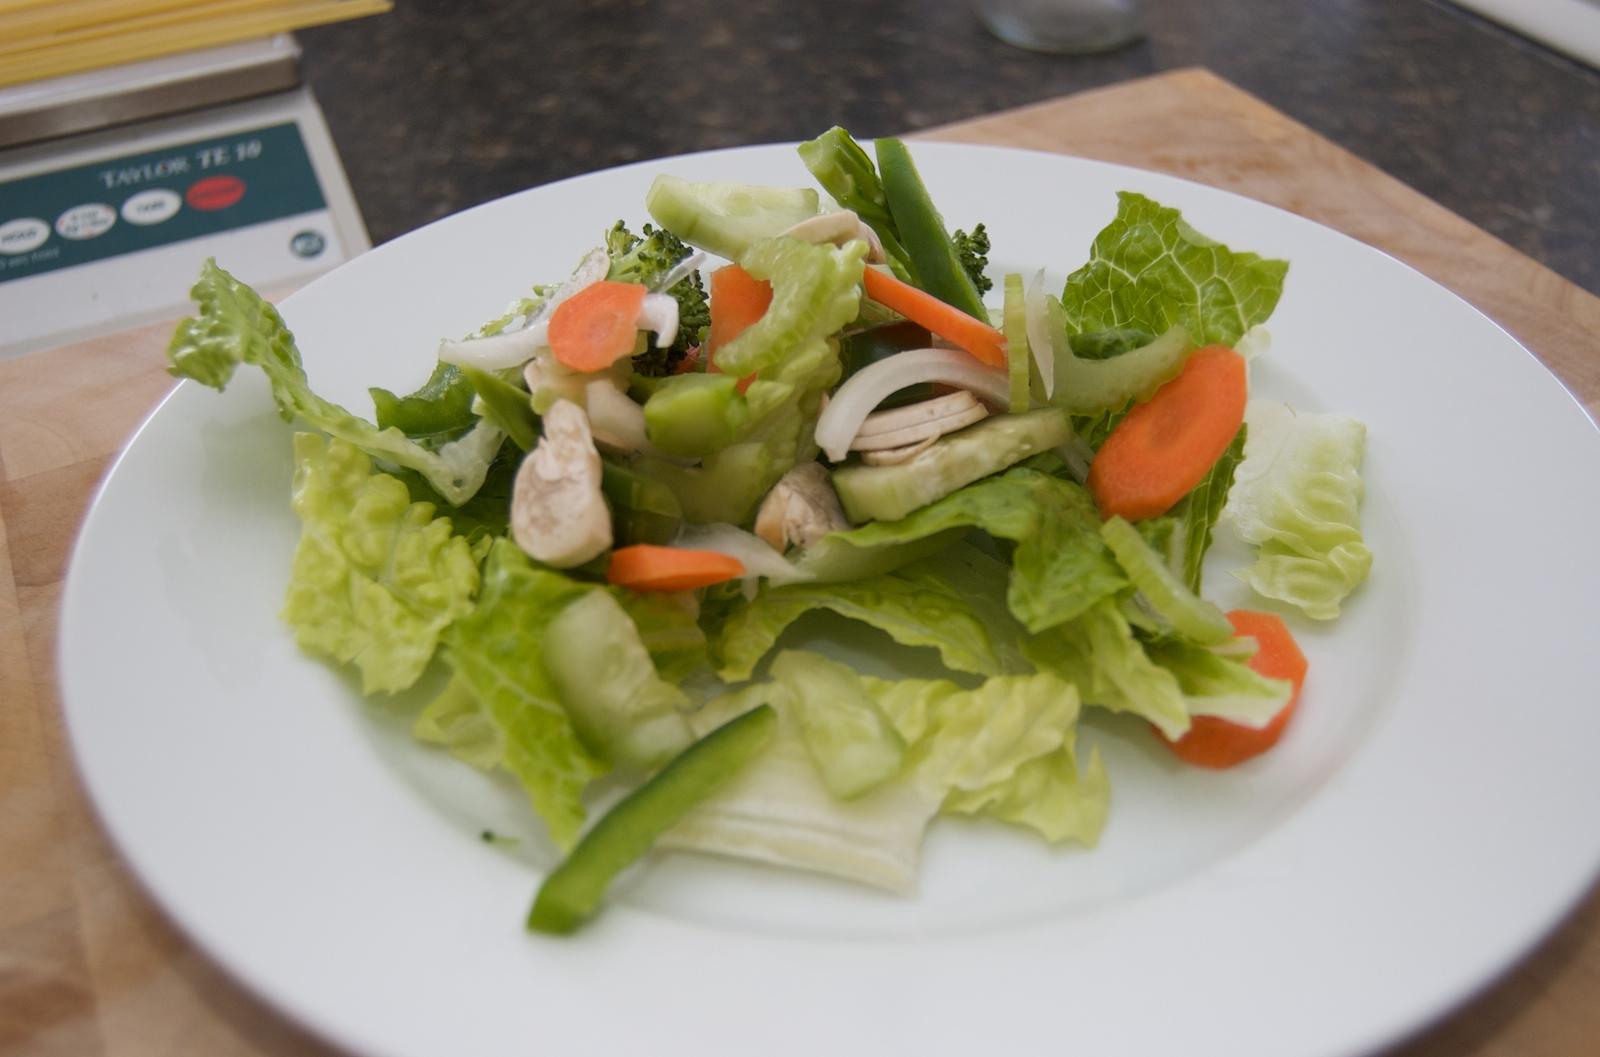 http://blog.rickk.com/food/2010/03/27/salad12.jpg